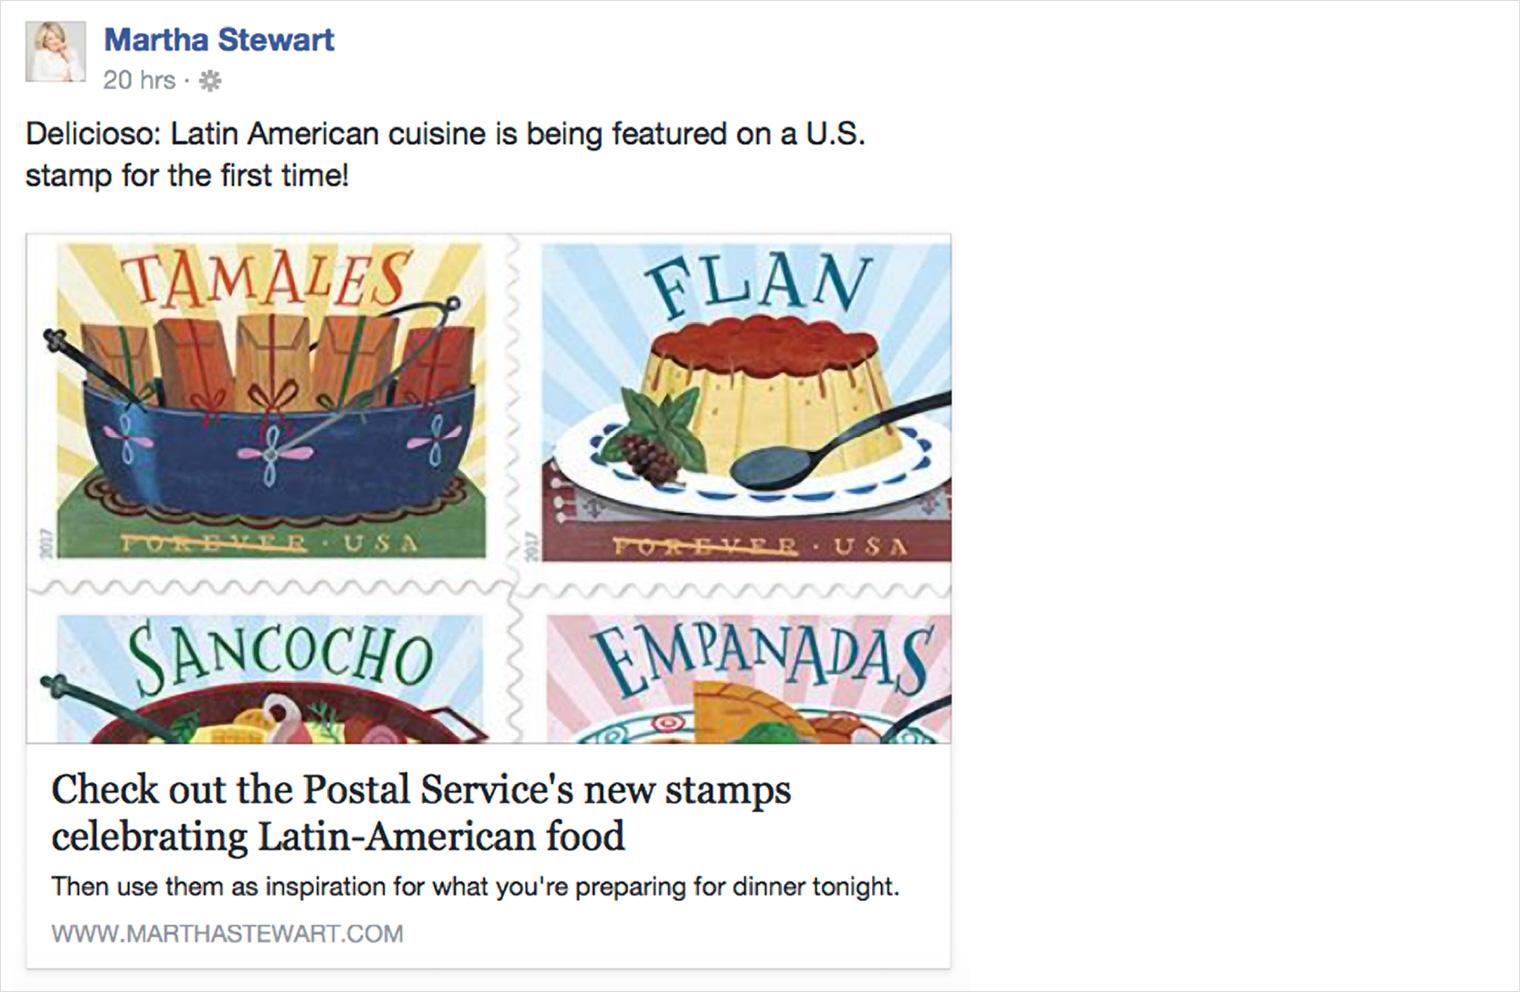 Delicioso Stamp on Martha Stewart